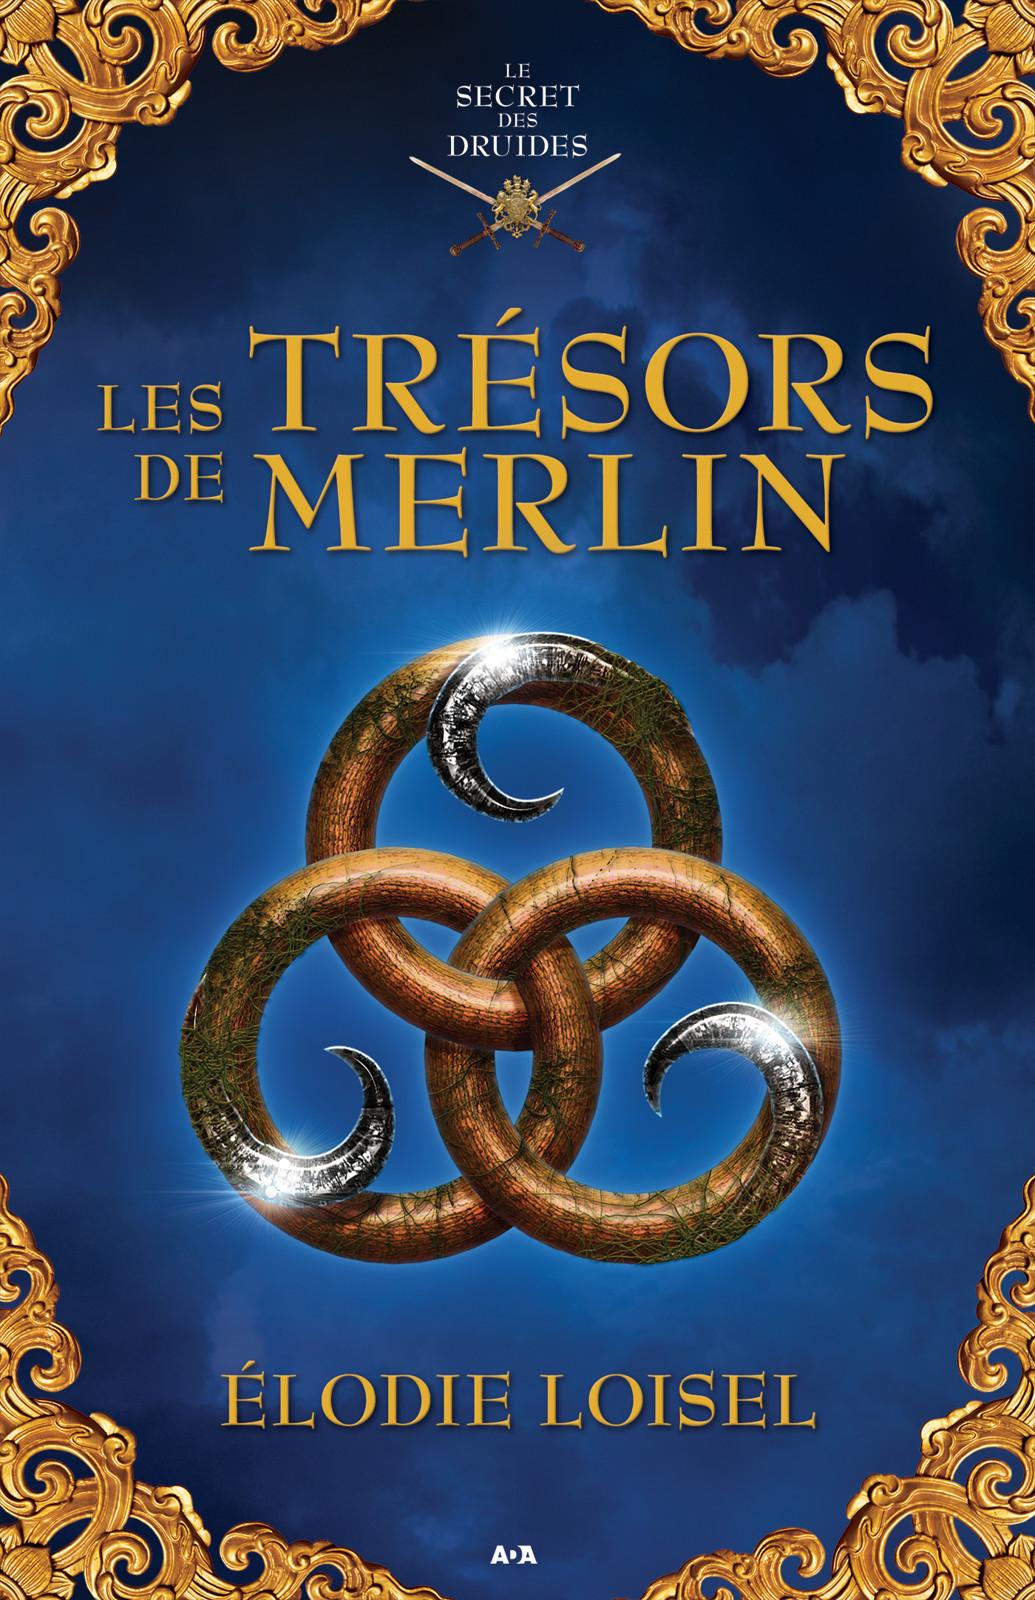 Les trésors de Merlin